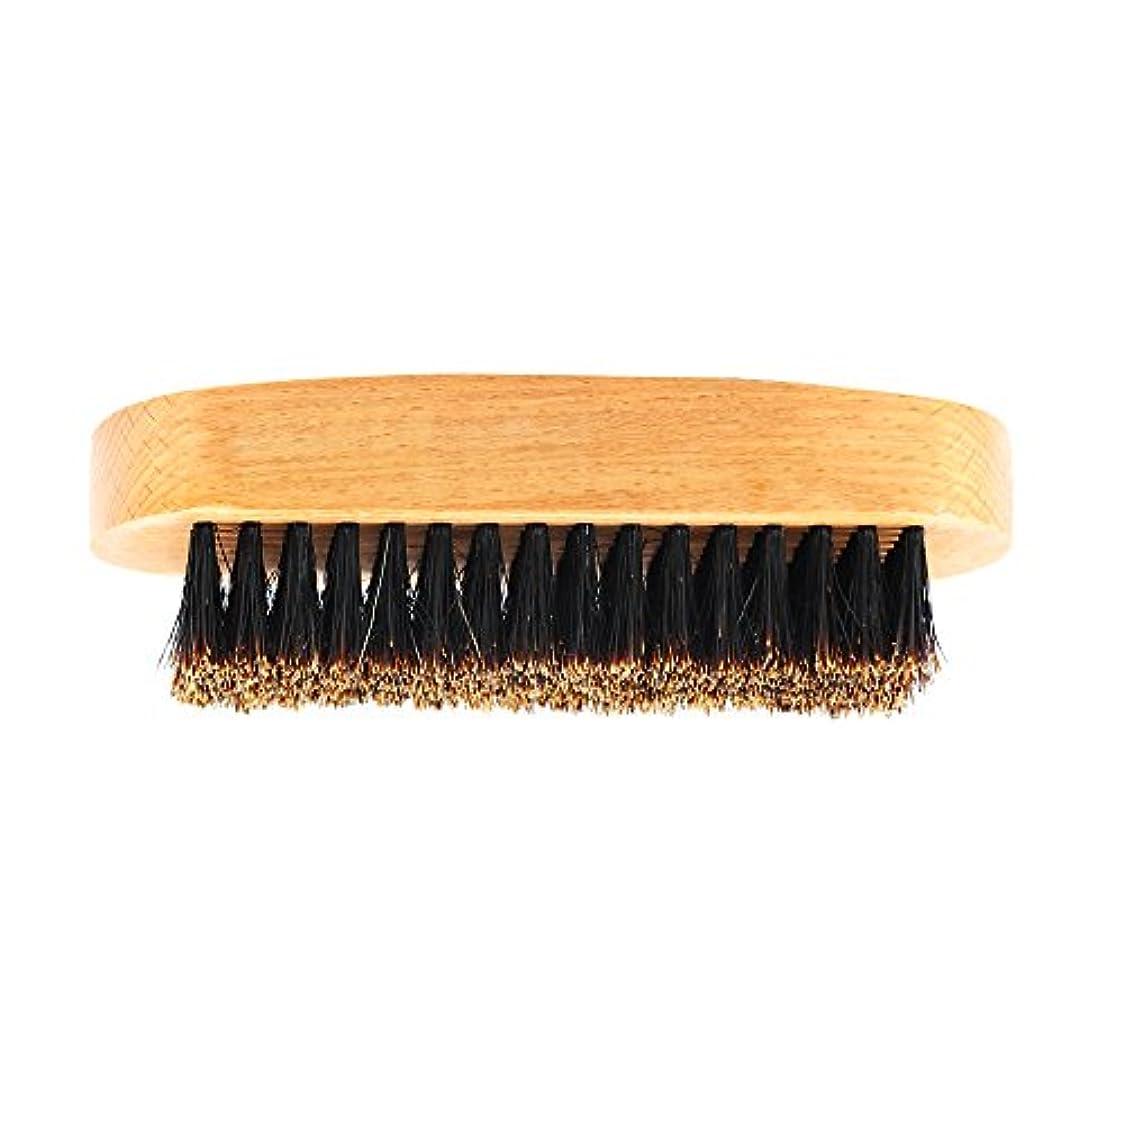 スーパー蒸留既婚ひげのブラシおよびオイルのためのひげのブラシの天然木の顔のヘアブラシ - 柔らかくなり、かゆみを調整するのを助けます - #1